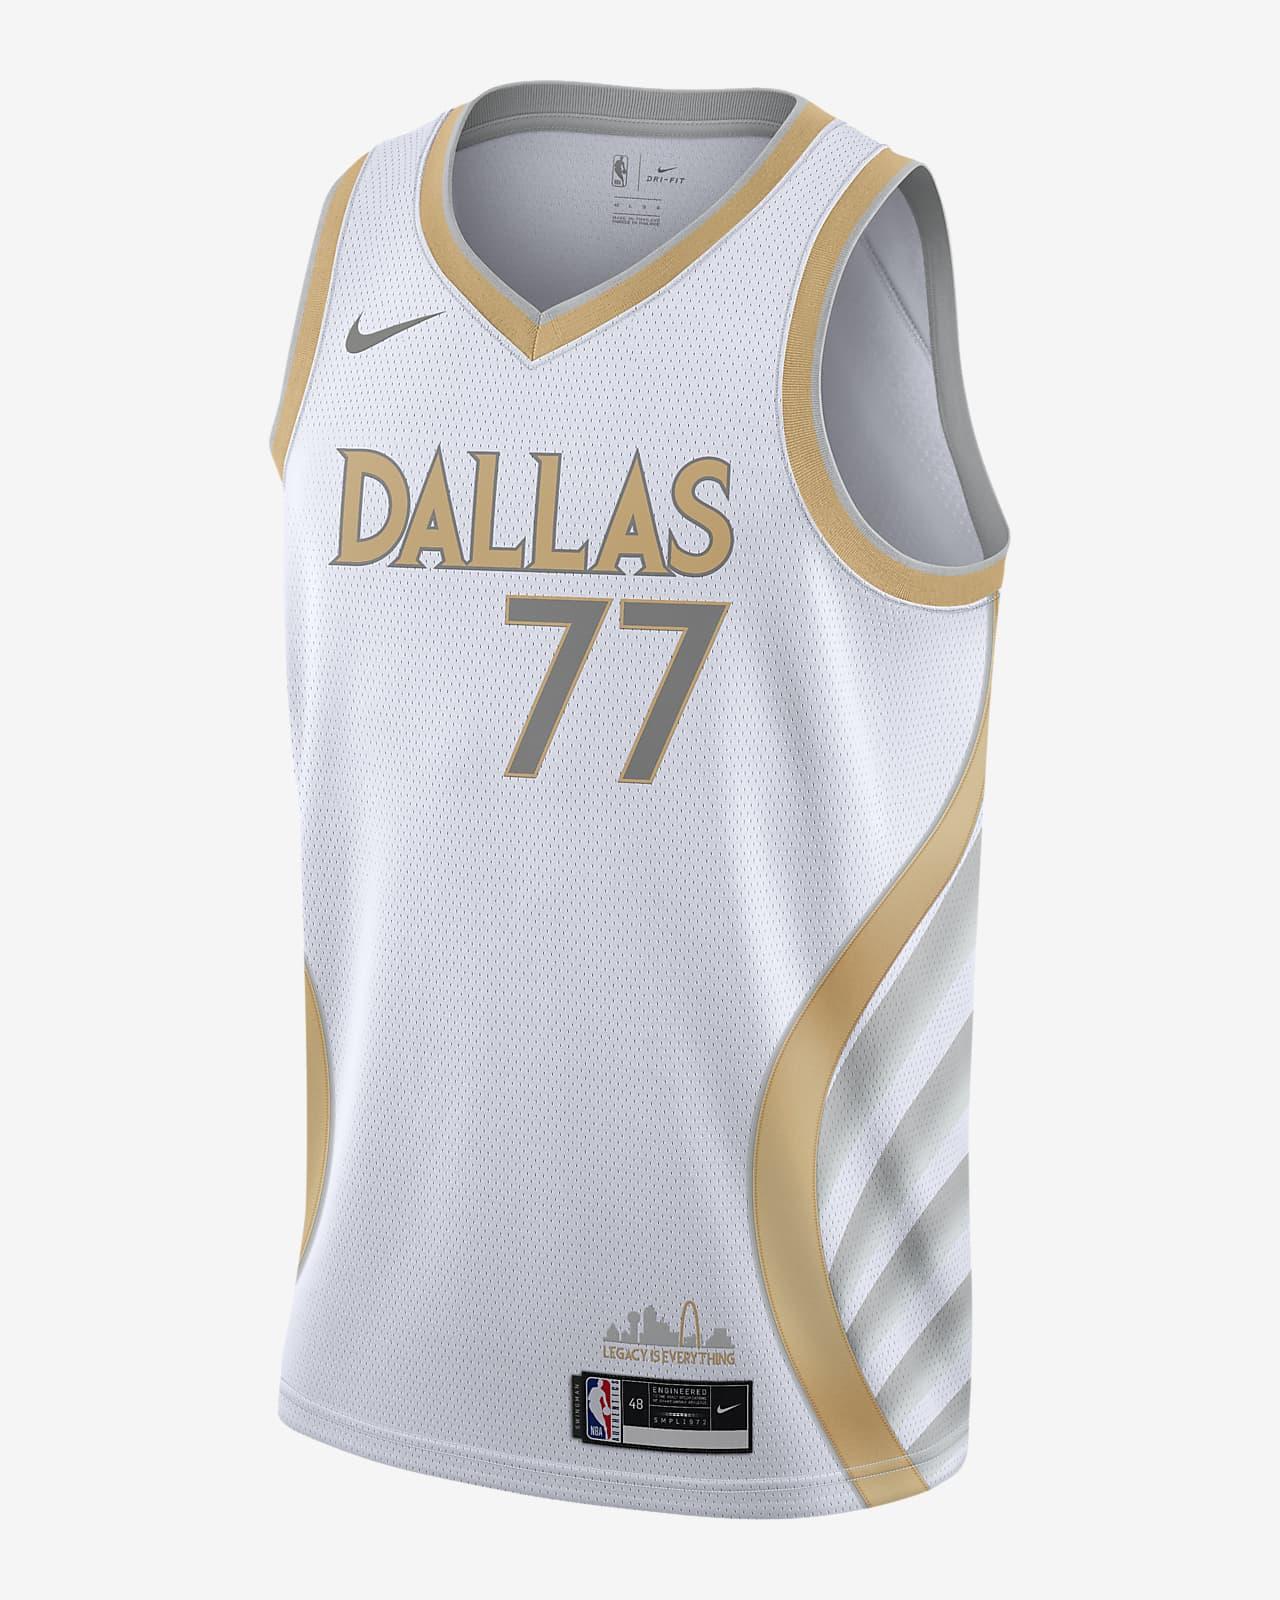 Llave Objetado lealtad  Dallas Mavericks City Edition Nike NBA Swingman Jersey. Nike FI